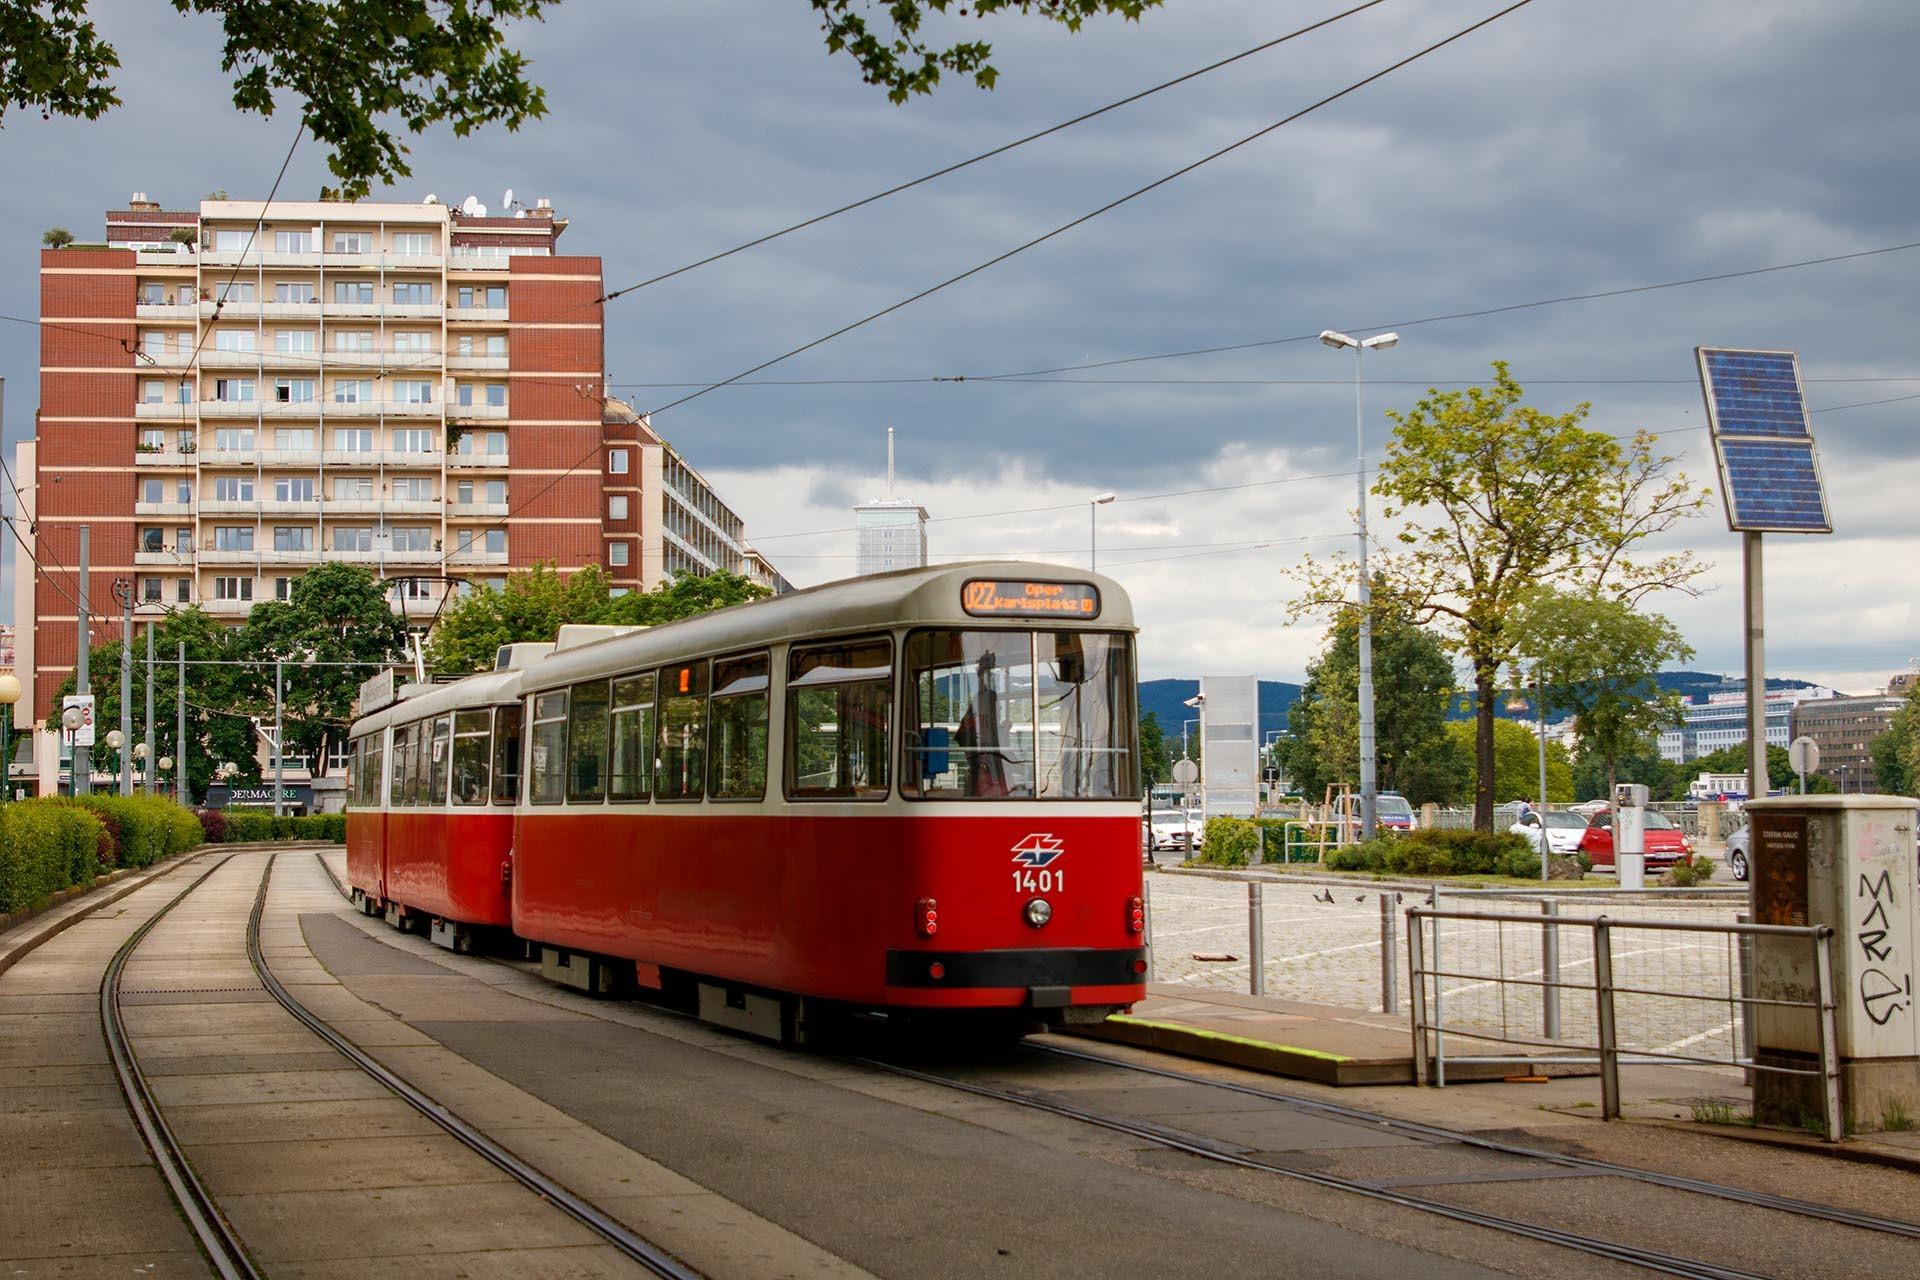 https://public-transport.net/tram/Wien2021/U2Z_Praterstern/slides/9118_387.jpg